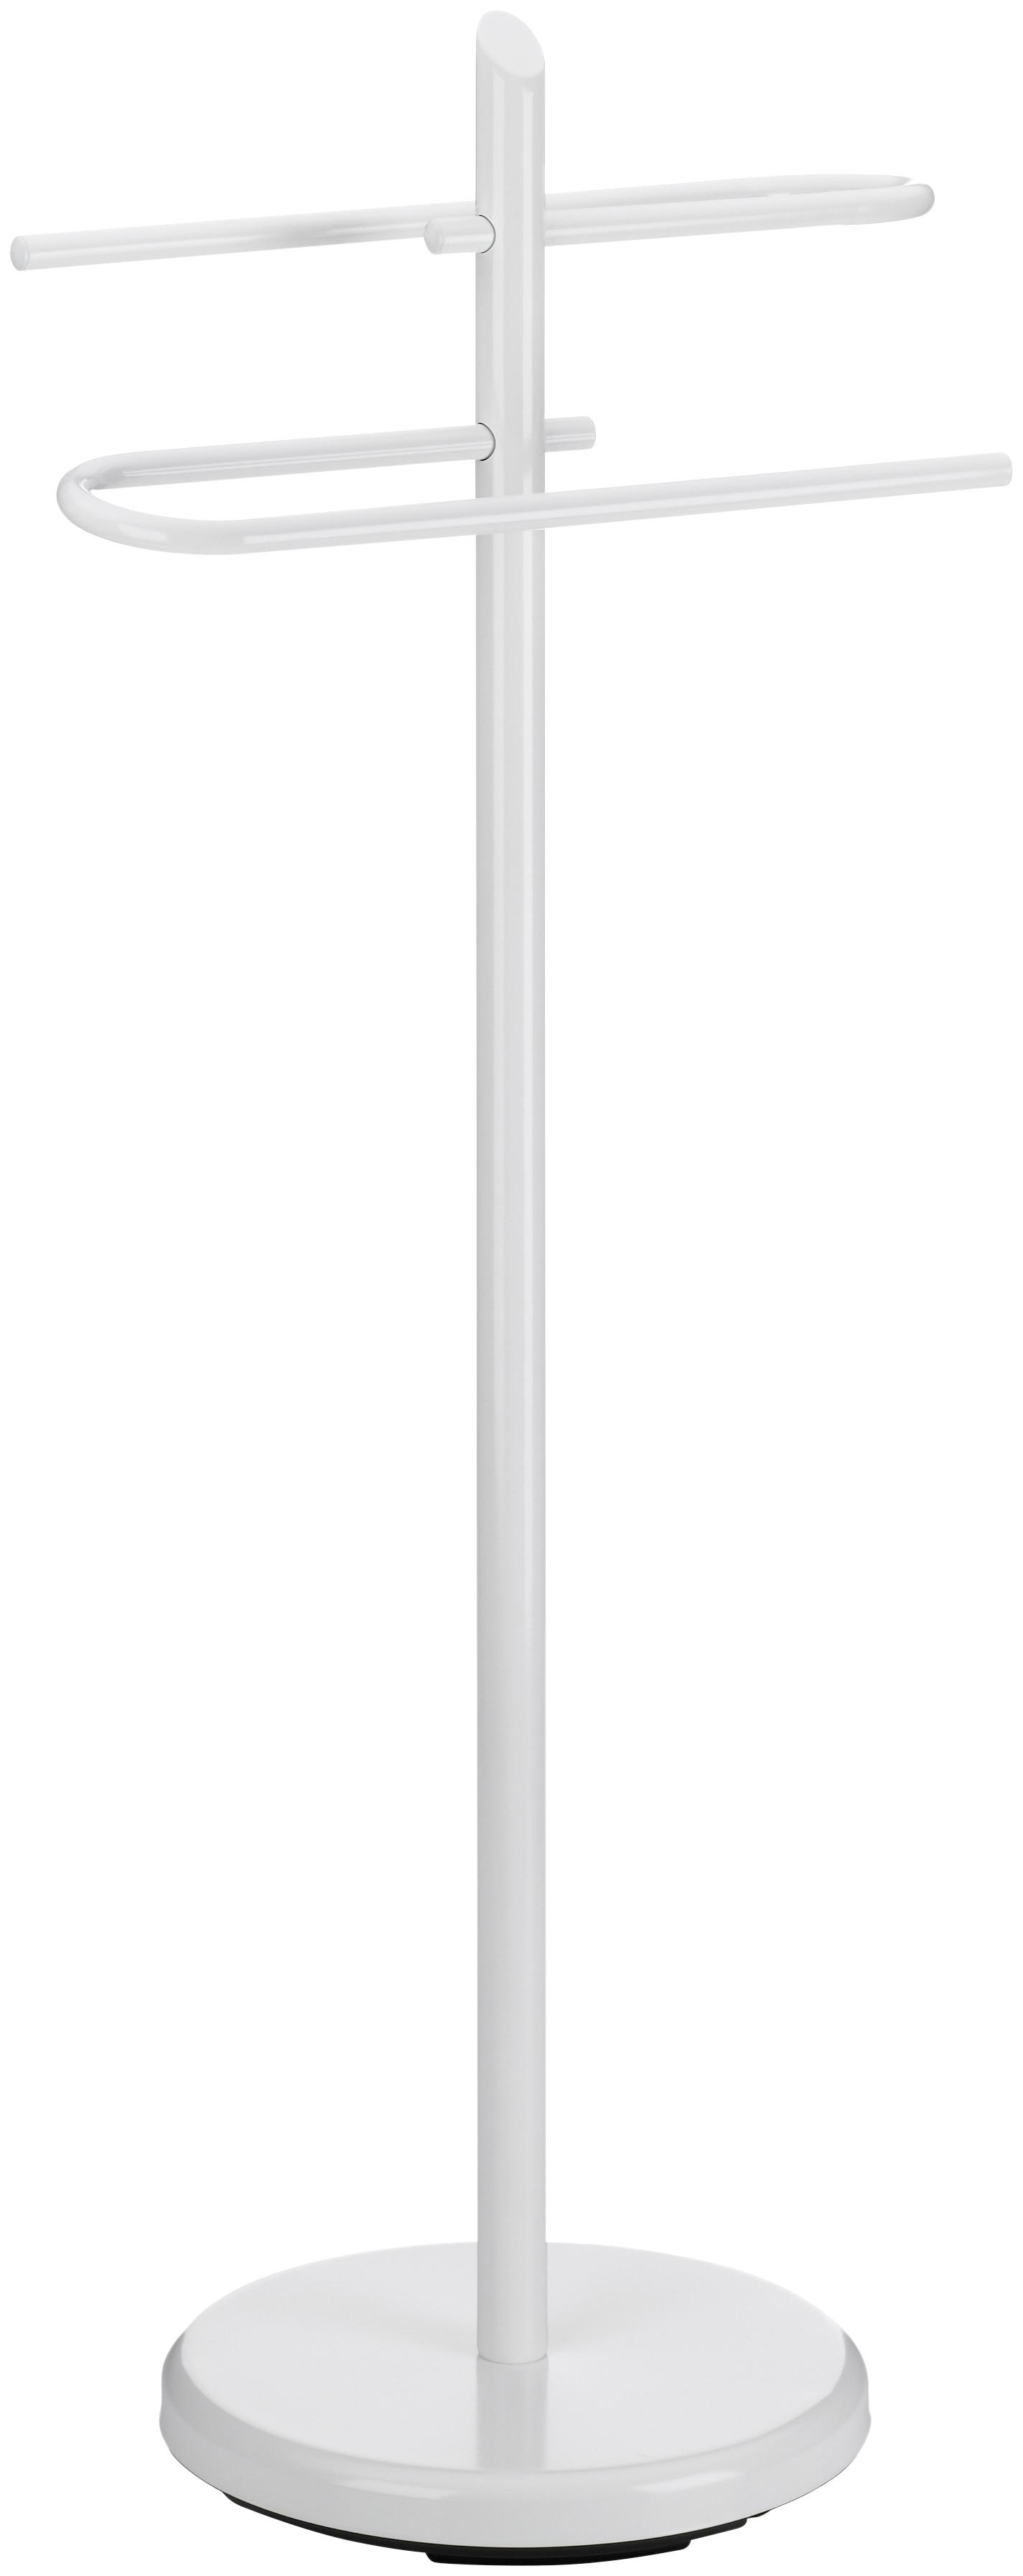 KELA Handtuchhalter Ken Metall Höhe 88 cm auf Rechnung